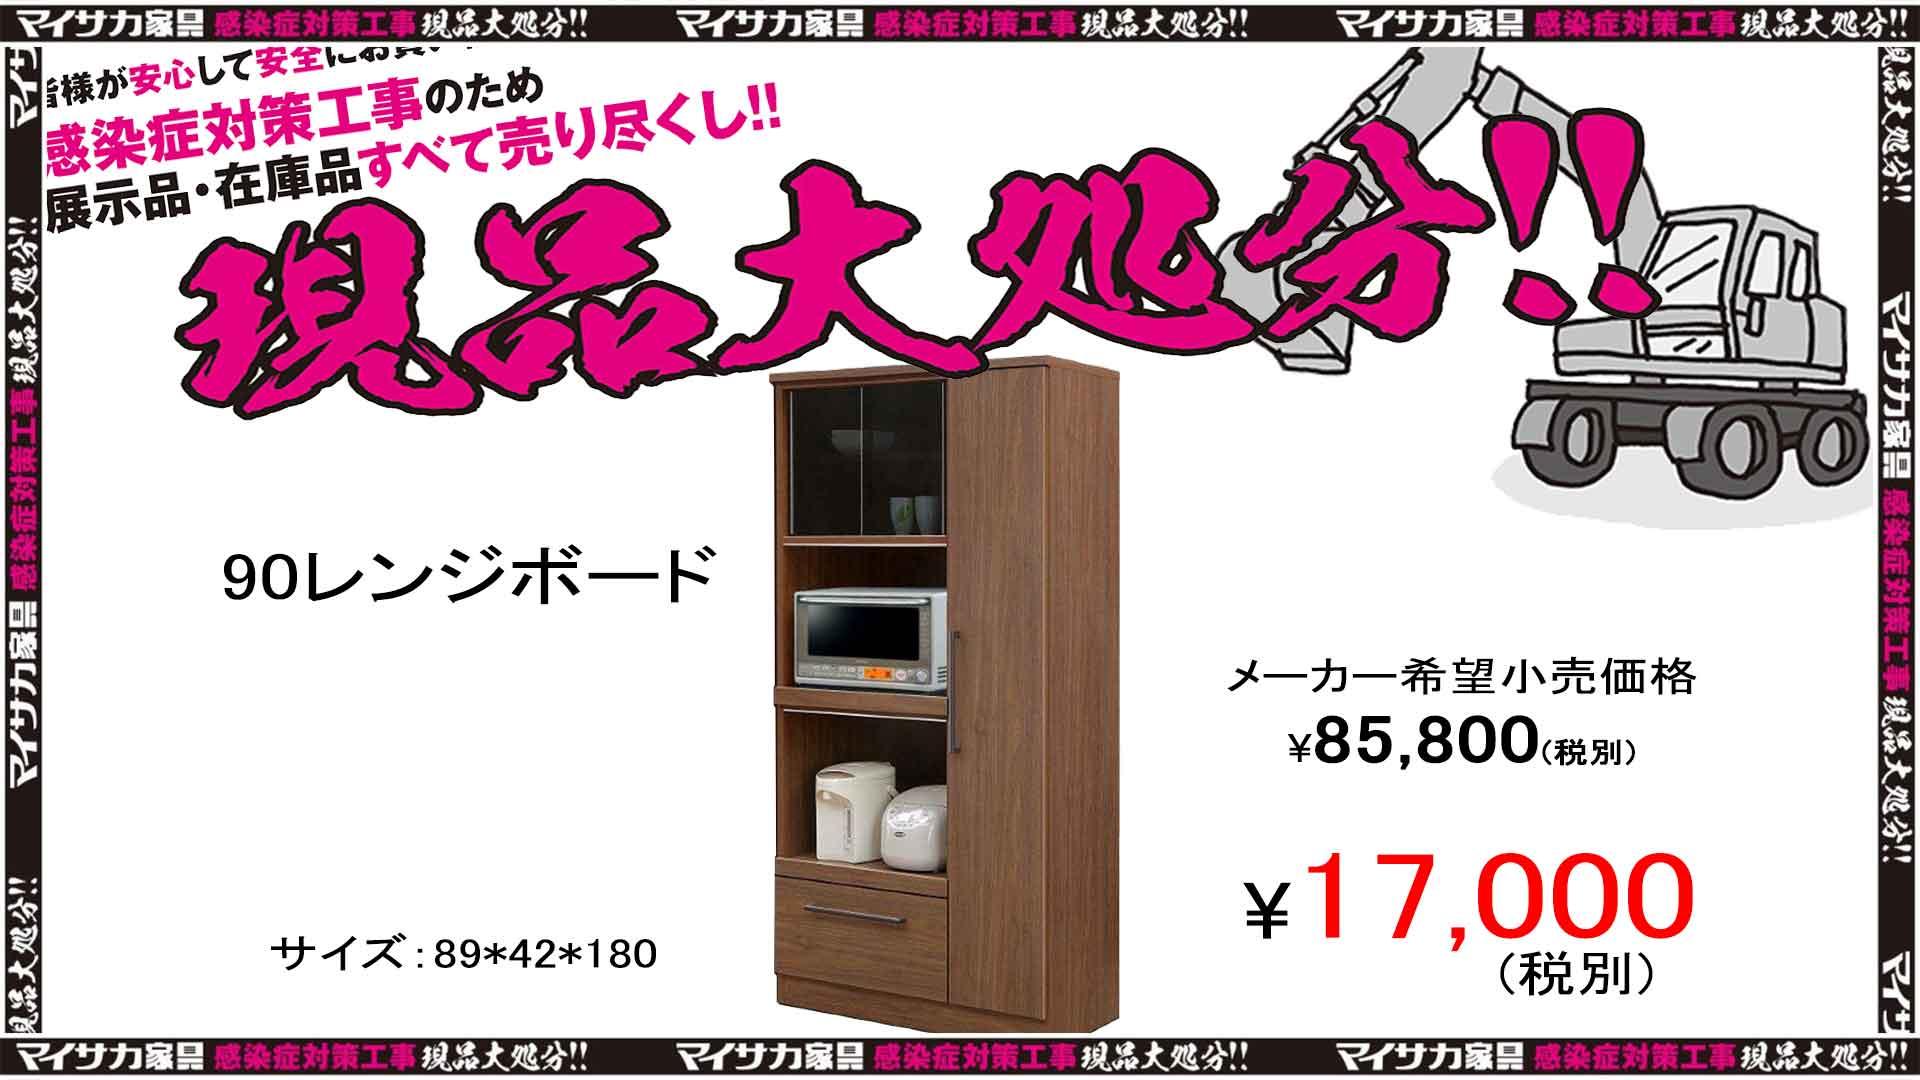 一人暮らしや二人暮らしにオススメの大きさの横幅90cmの食器棚・レンジ台の画像